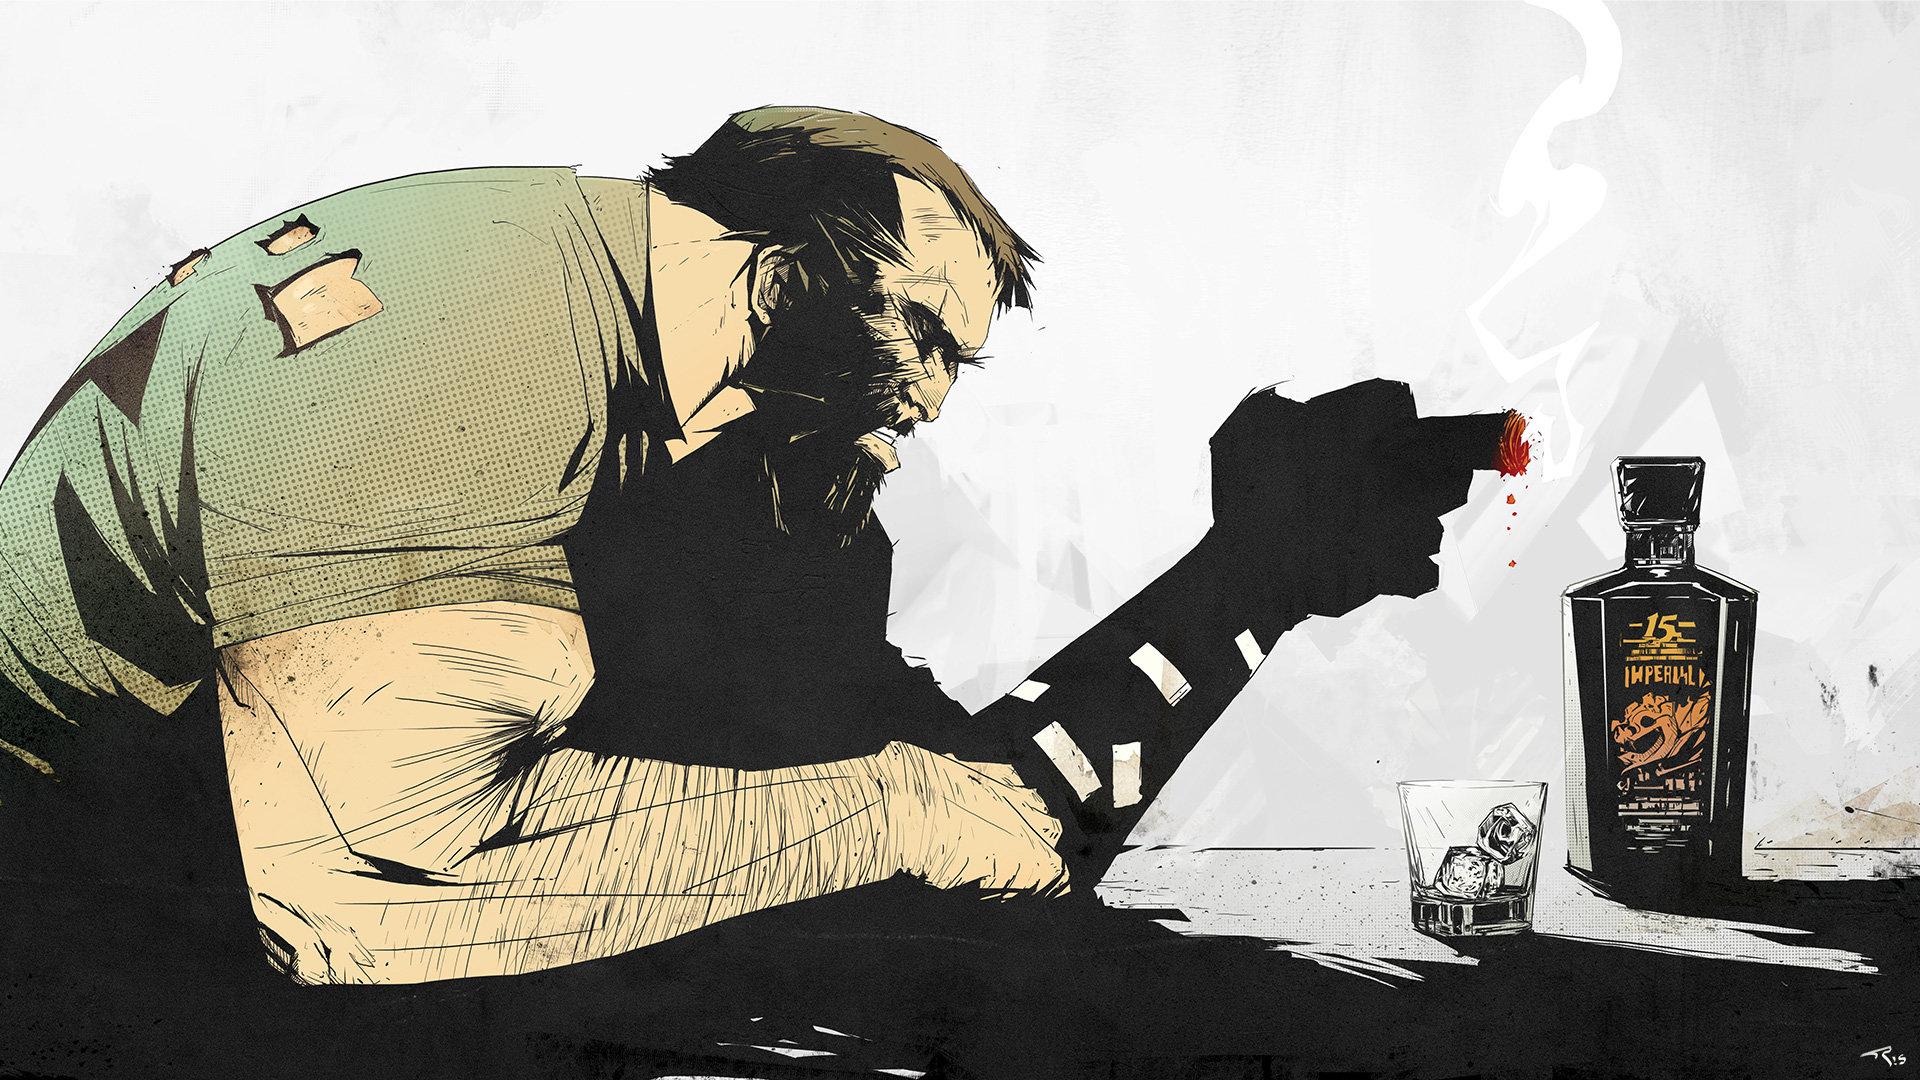 Tonton revolver the irish